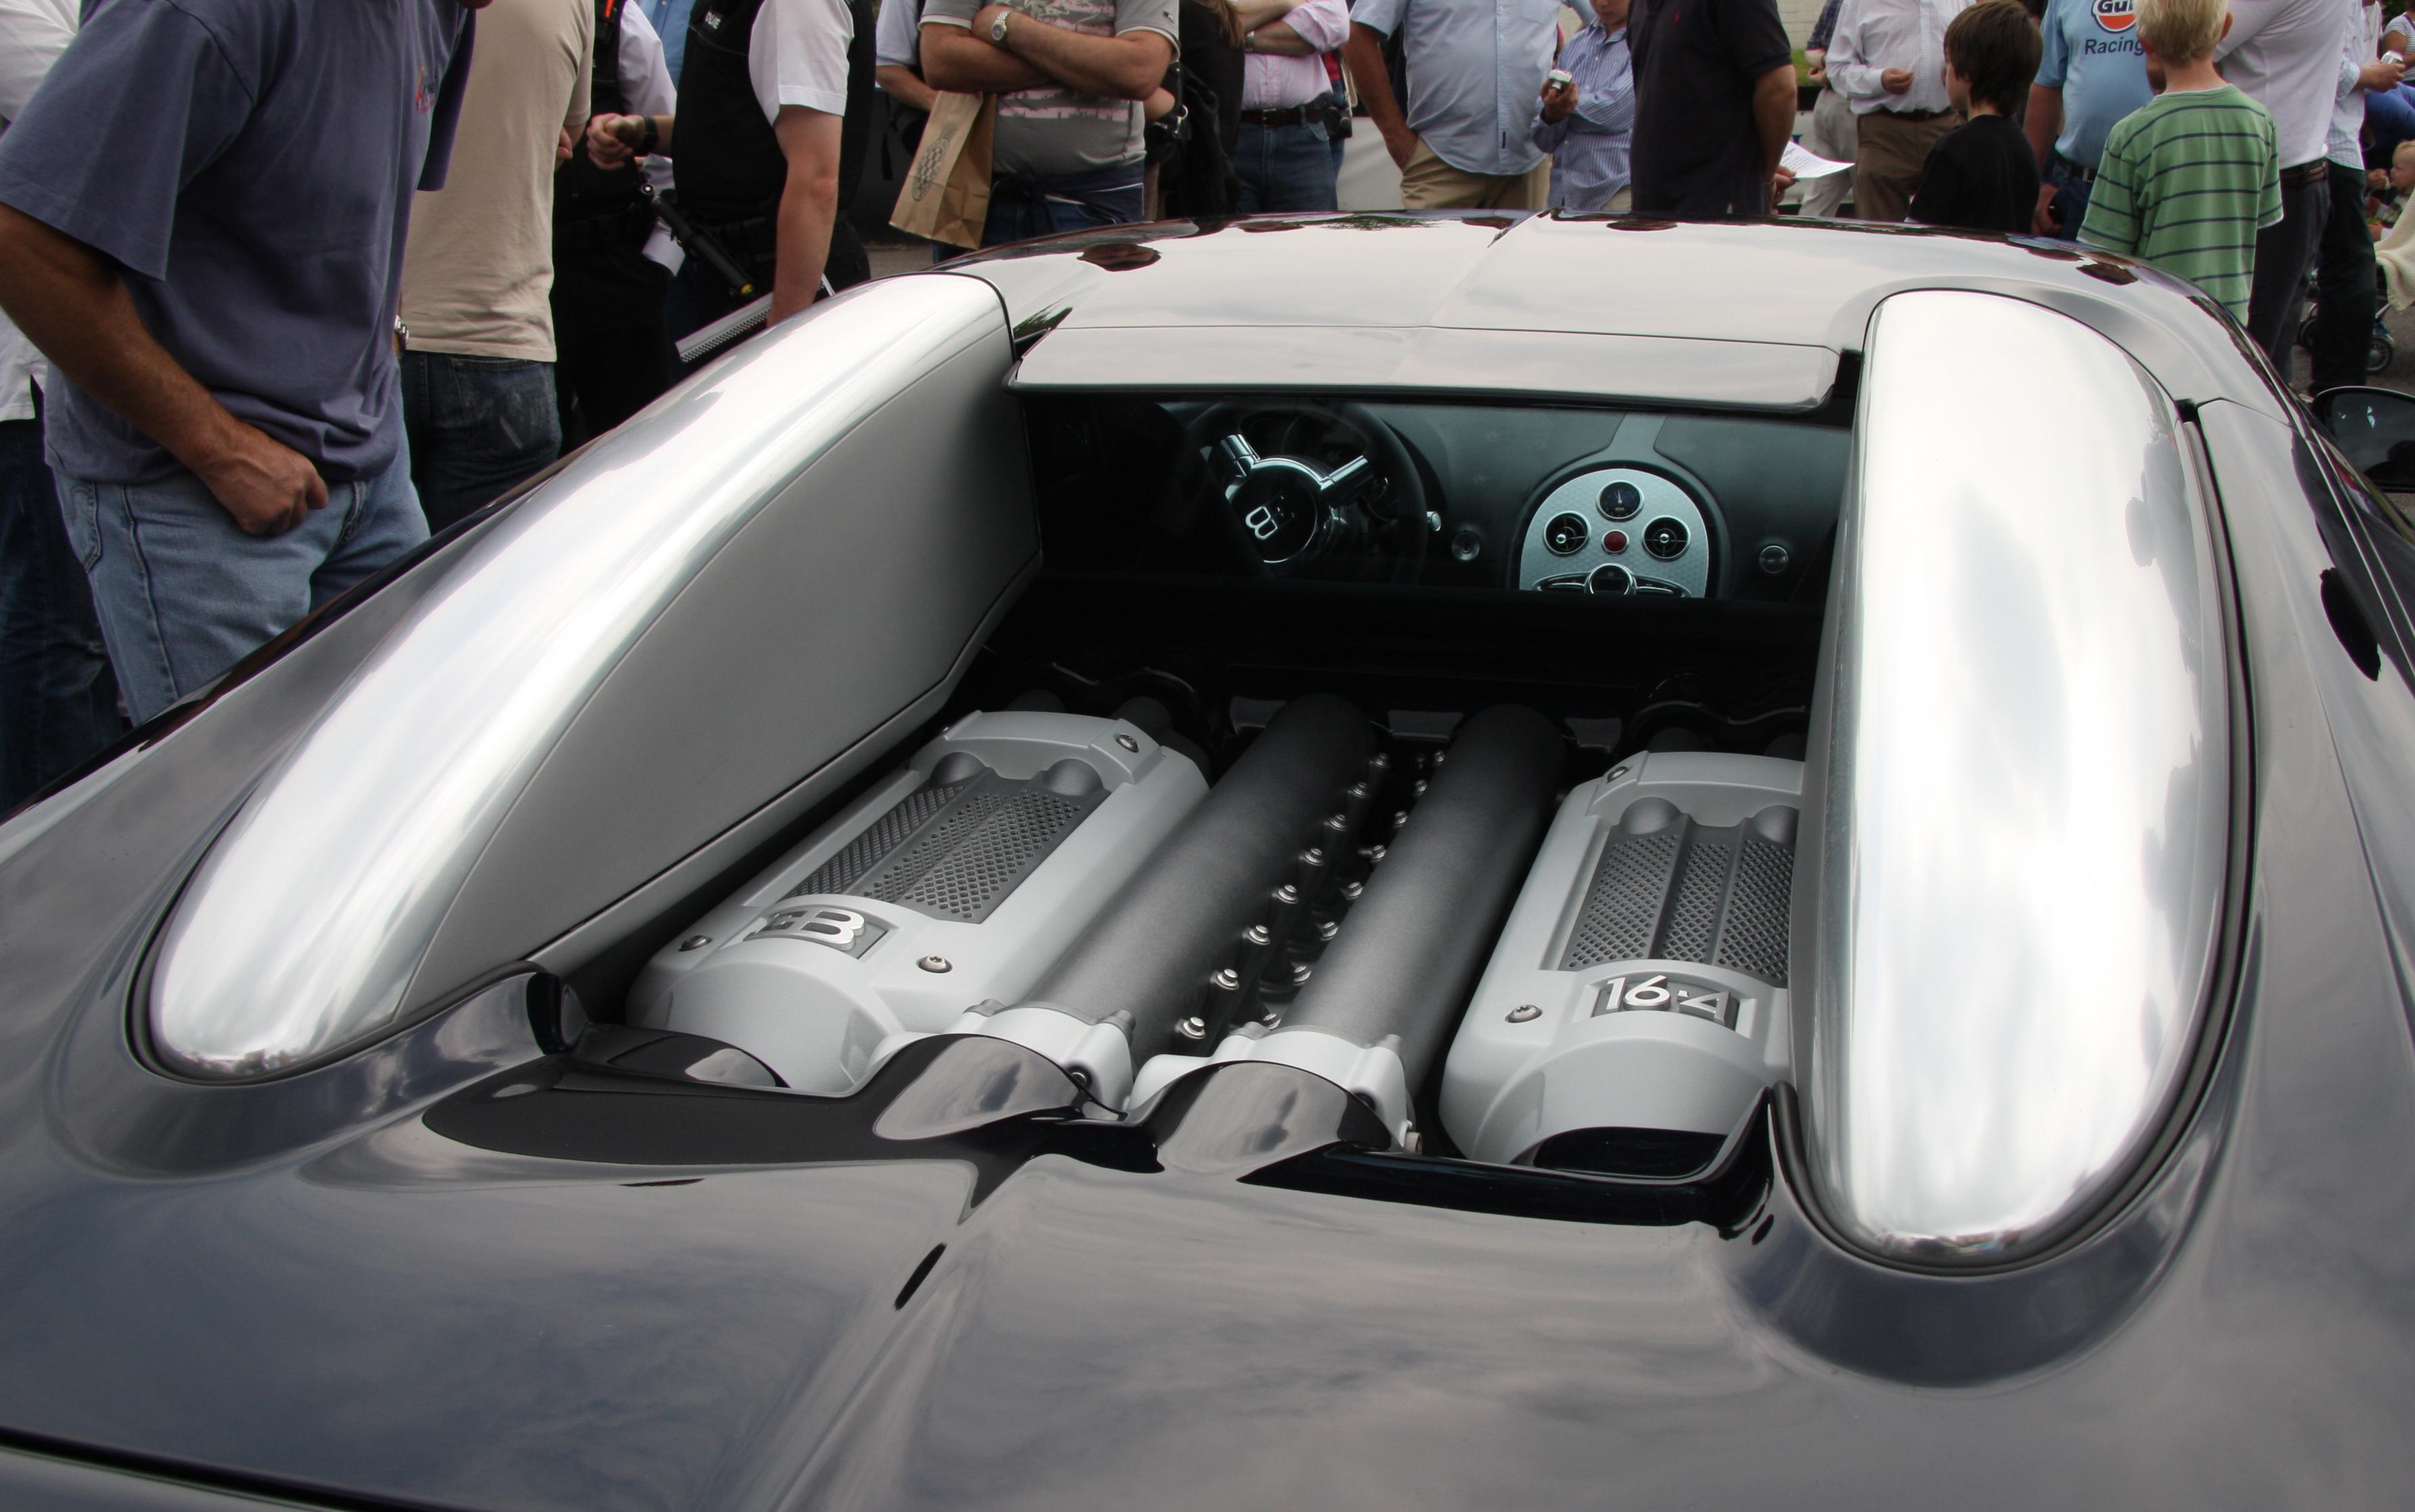 File:Bugatti Veyron 8.0 Litre W16 Cylinder Engine   Flickr   Exfordy.